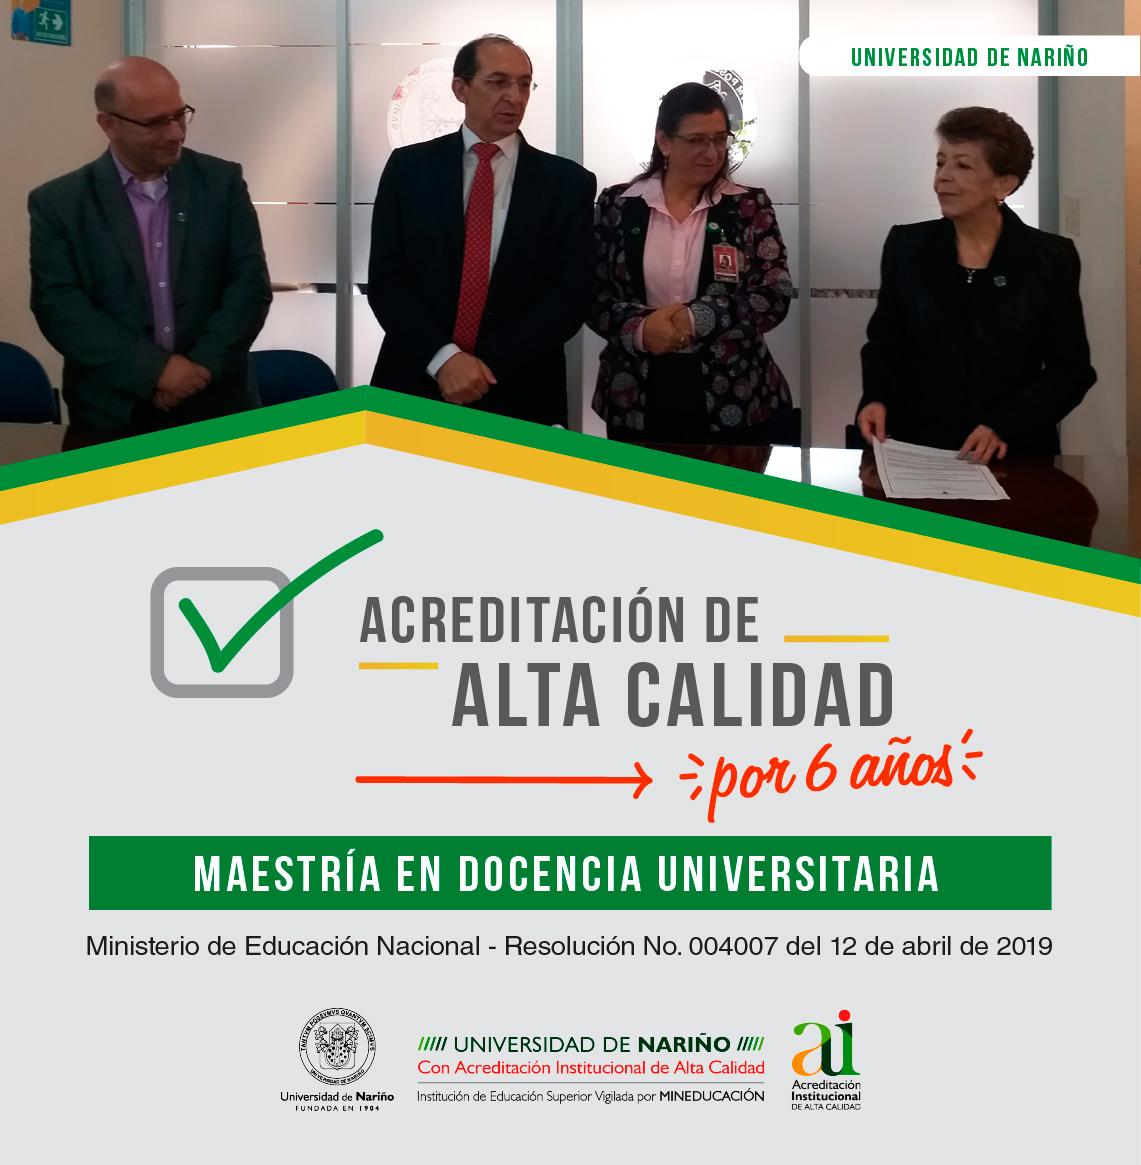 acreditacion-de-alta-calidad-maestria-docencia-universitaria-udenar-periodico-